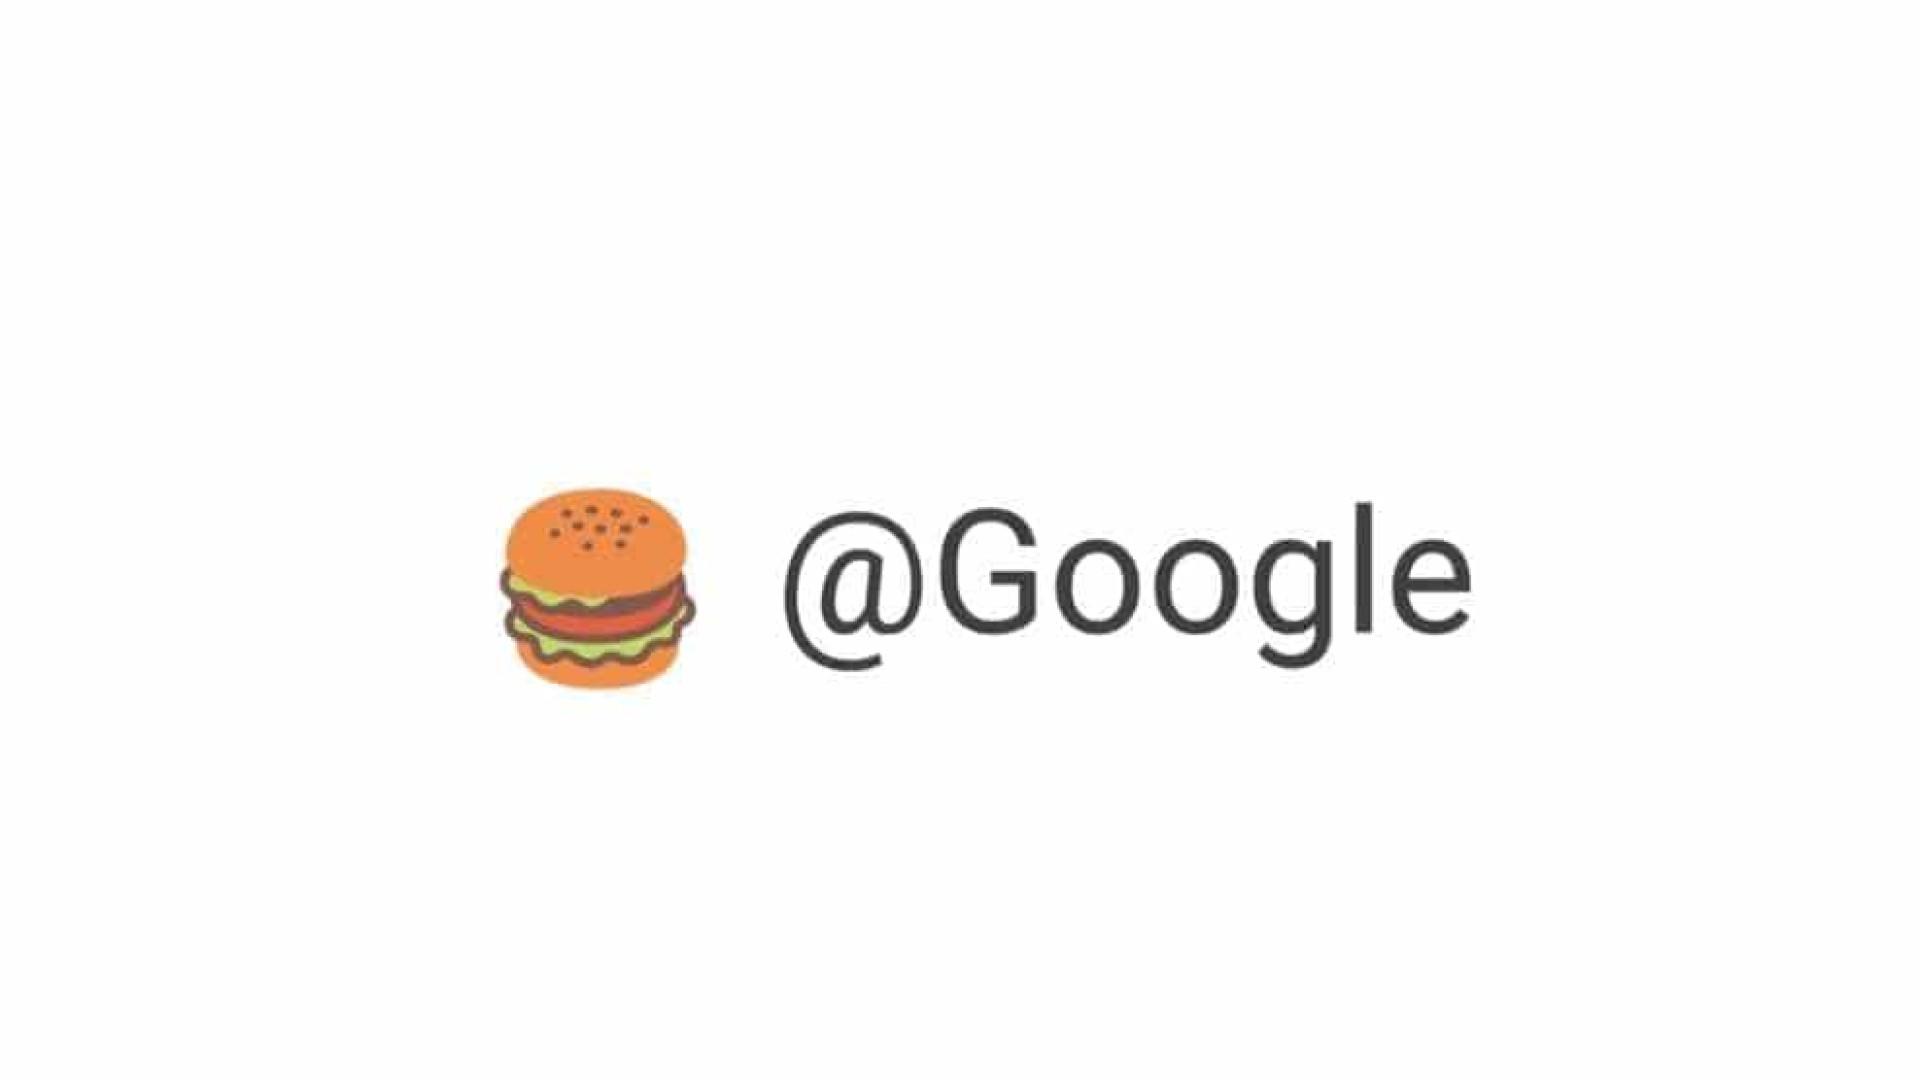 Google permite que usuários pesquisem  direto do Twitter usando emojis